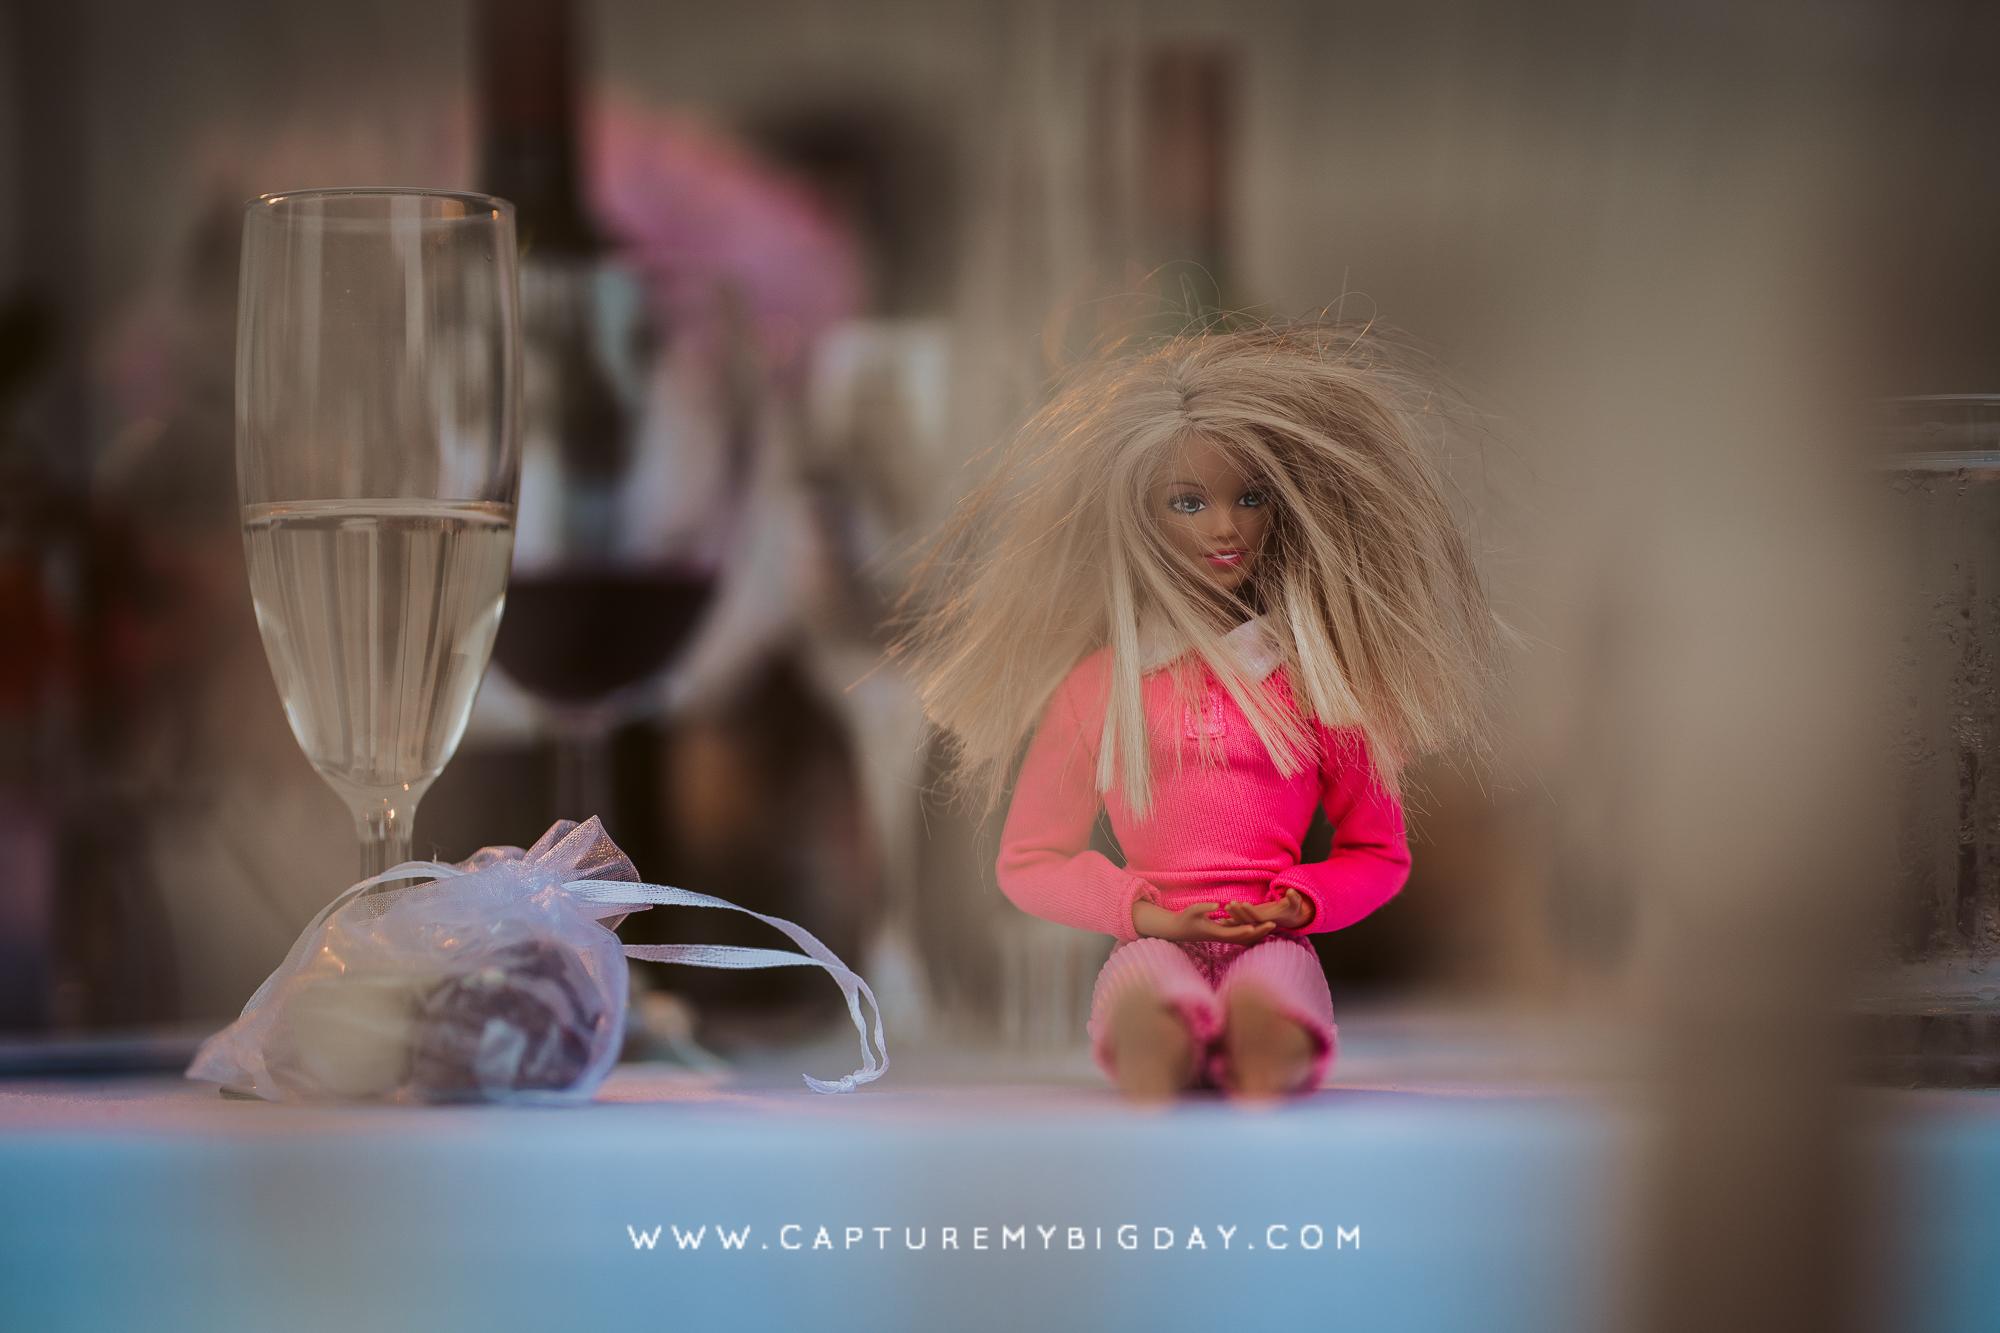 barbie doll at wedding